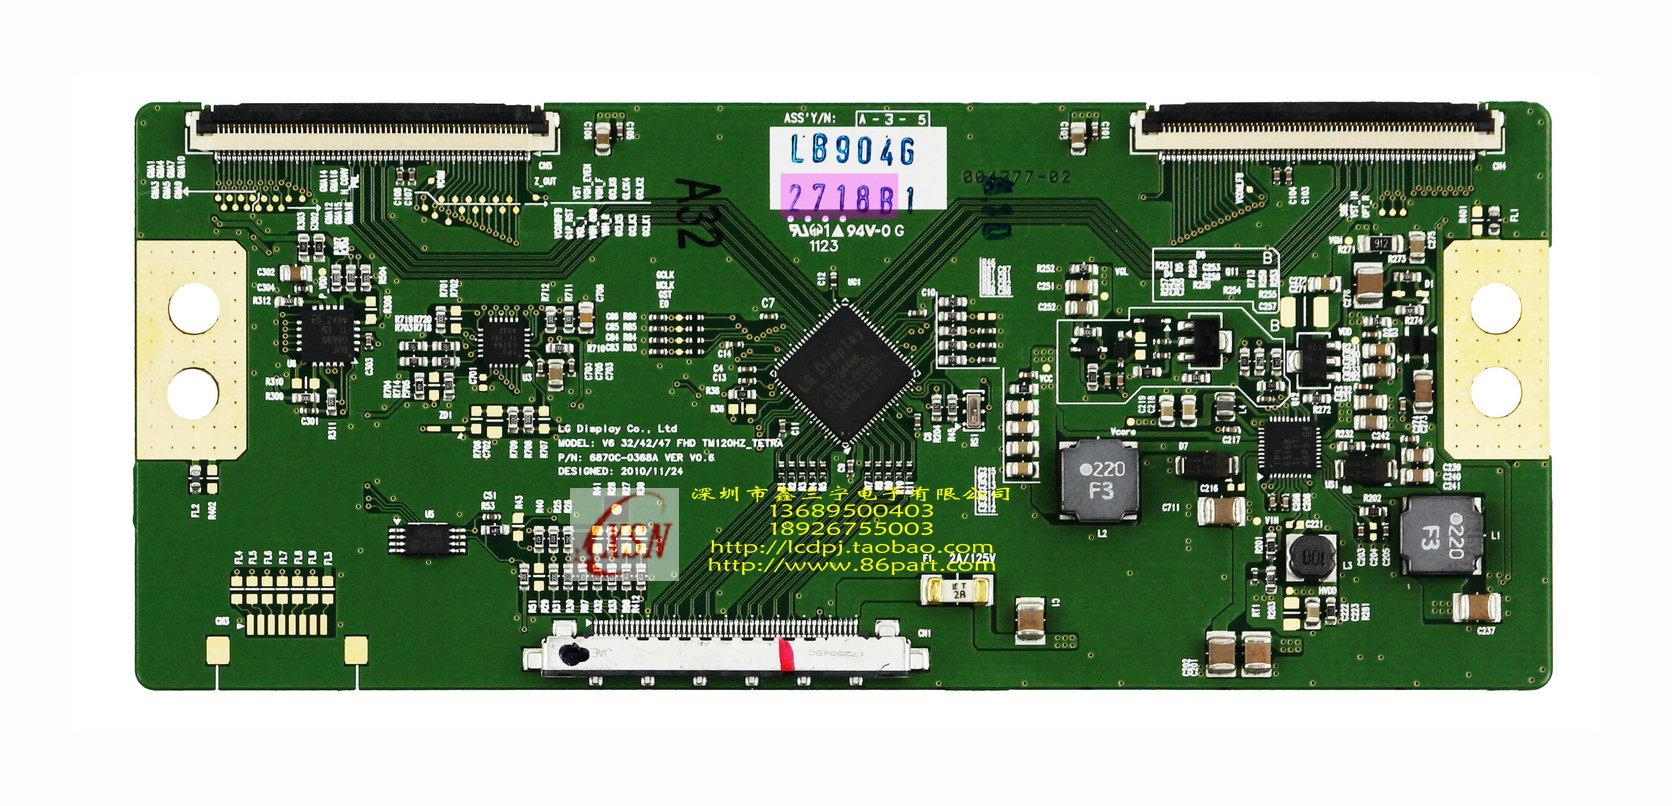 100% 全新原装 2718b1 lg逻辑板 v6 32/42/47 fhd tm120hz v0.